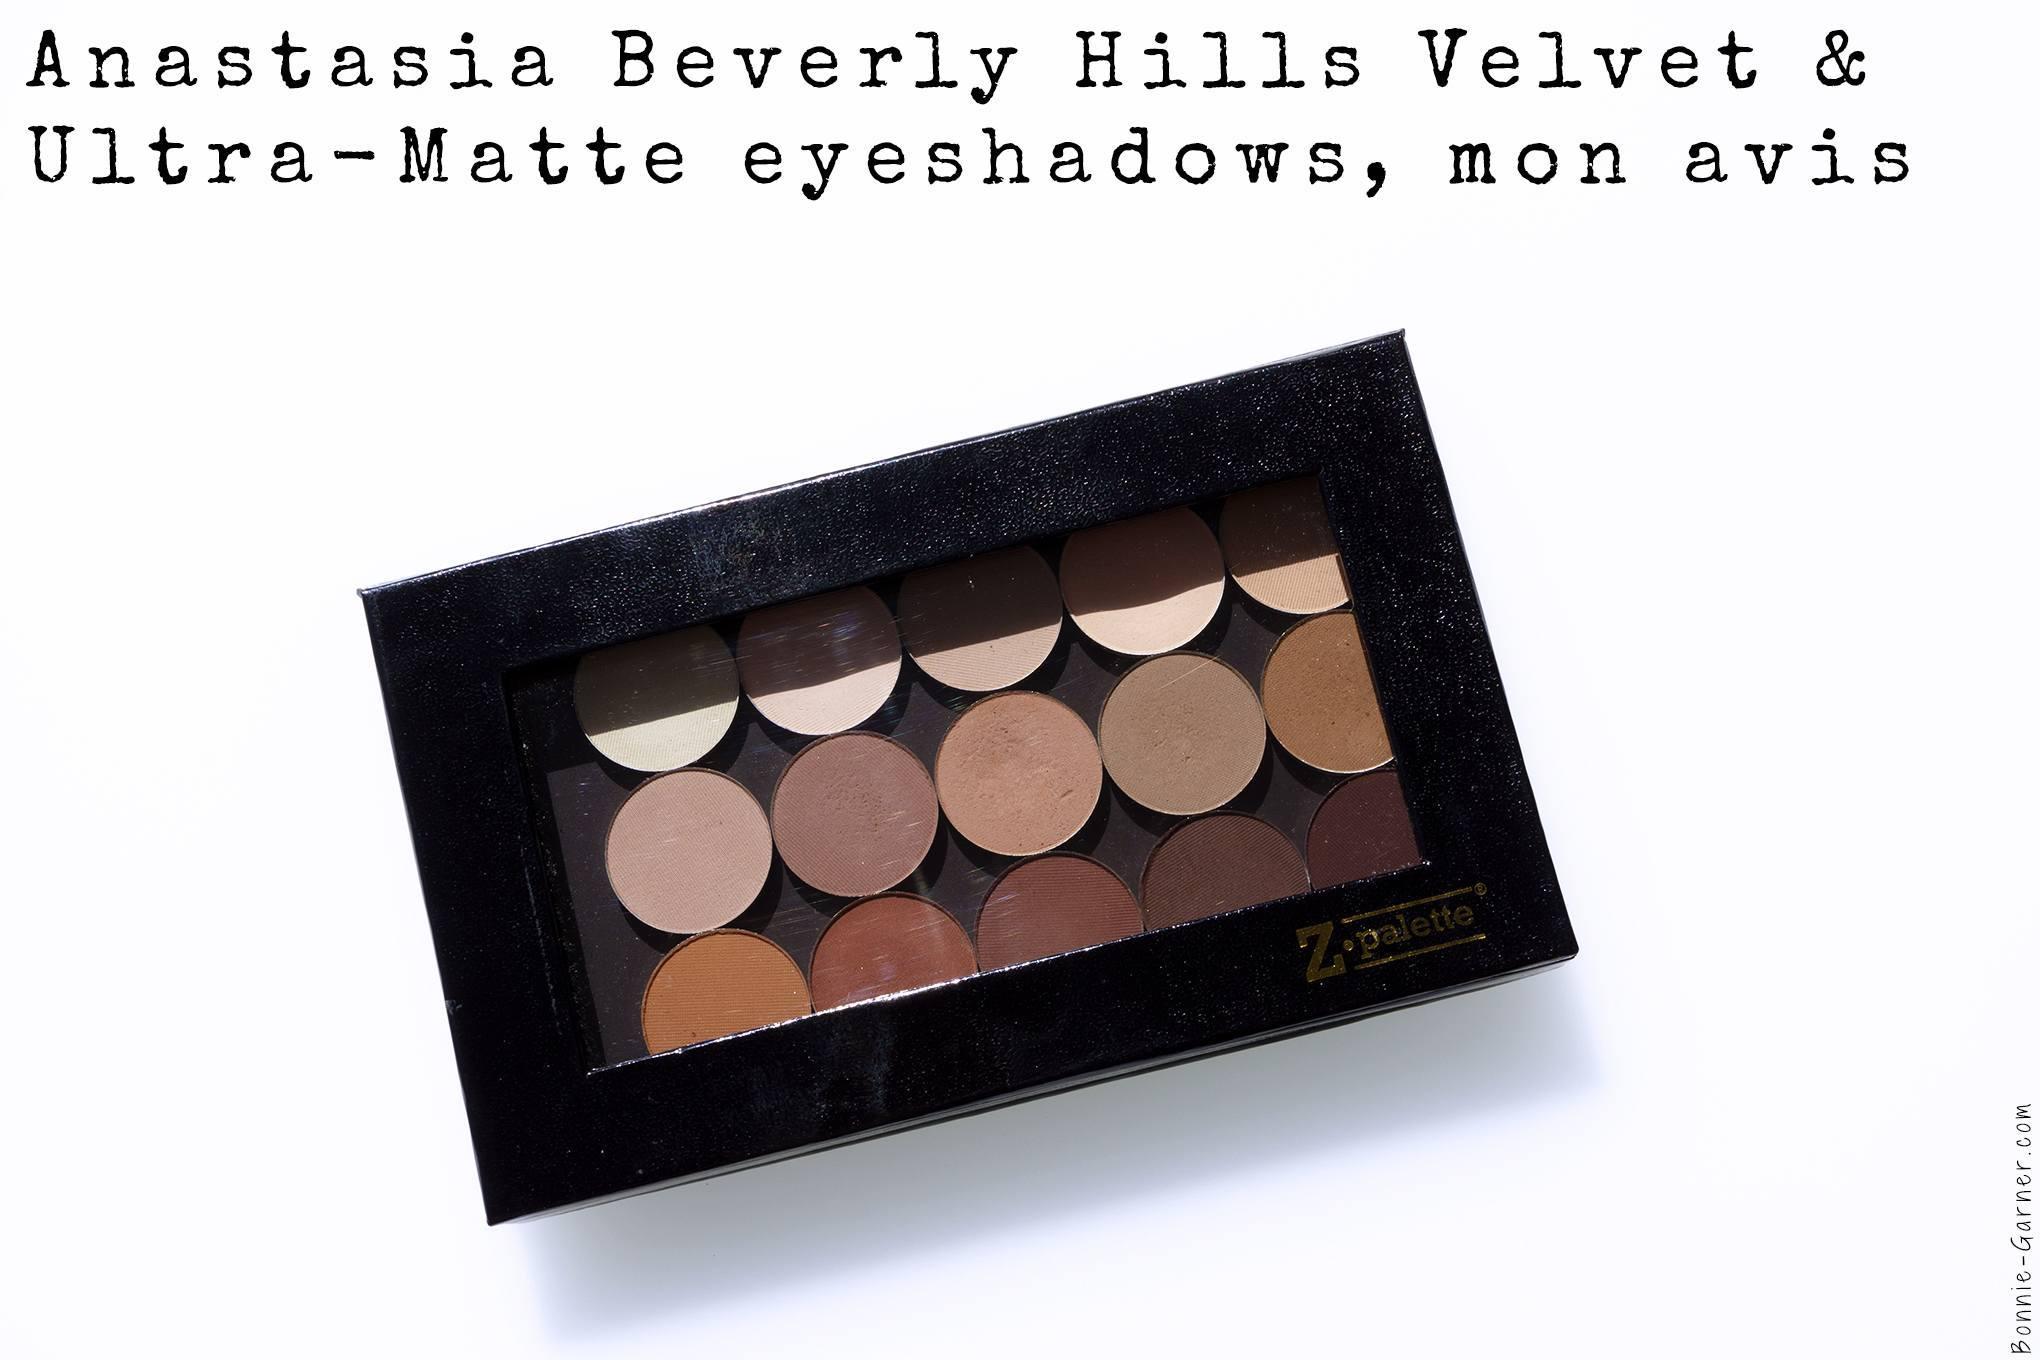 Anastasia Beverly Hills Velvet & Ultra-Matte eyeshadows, mon avis